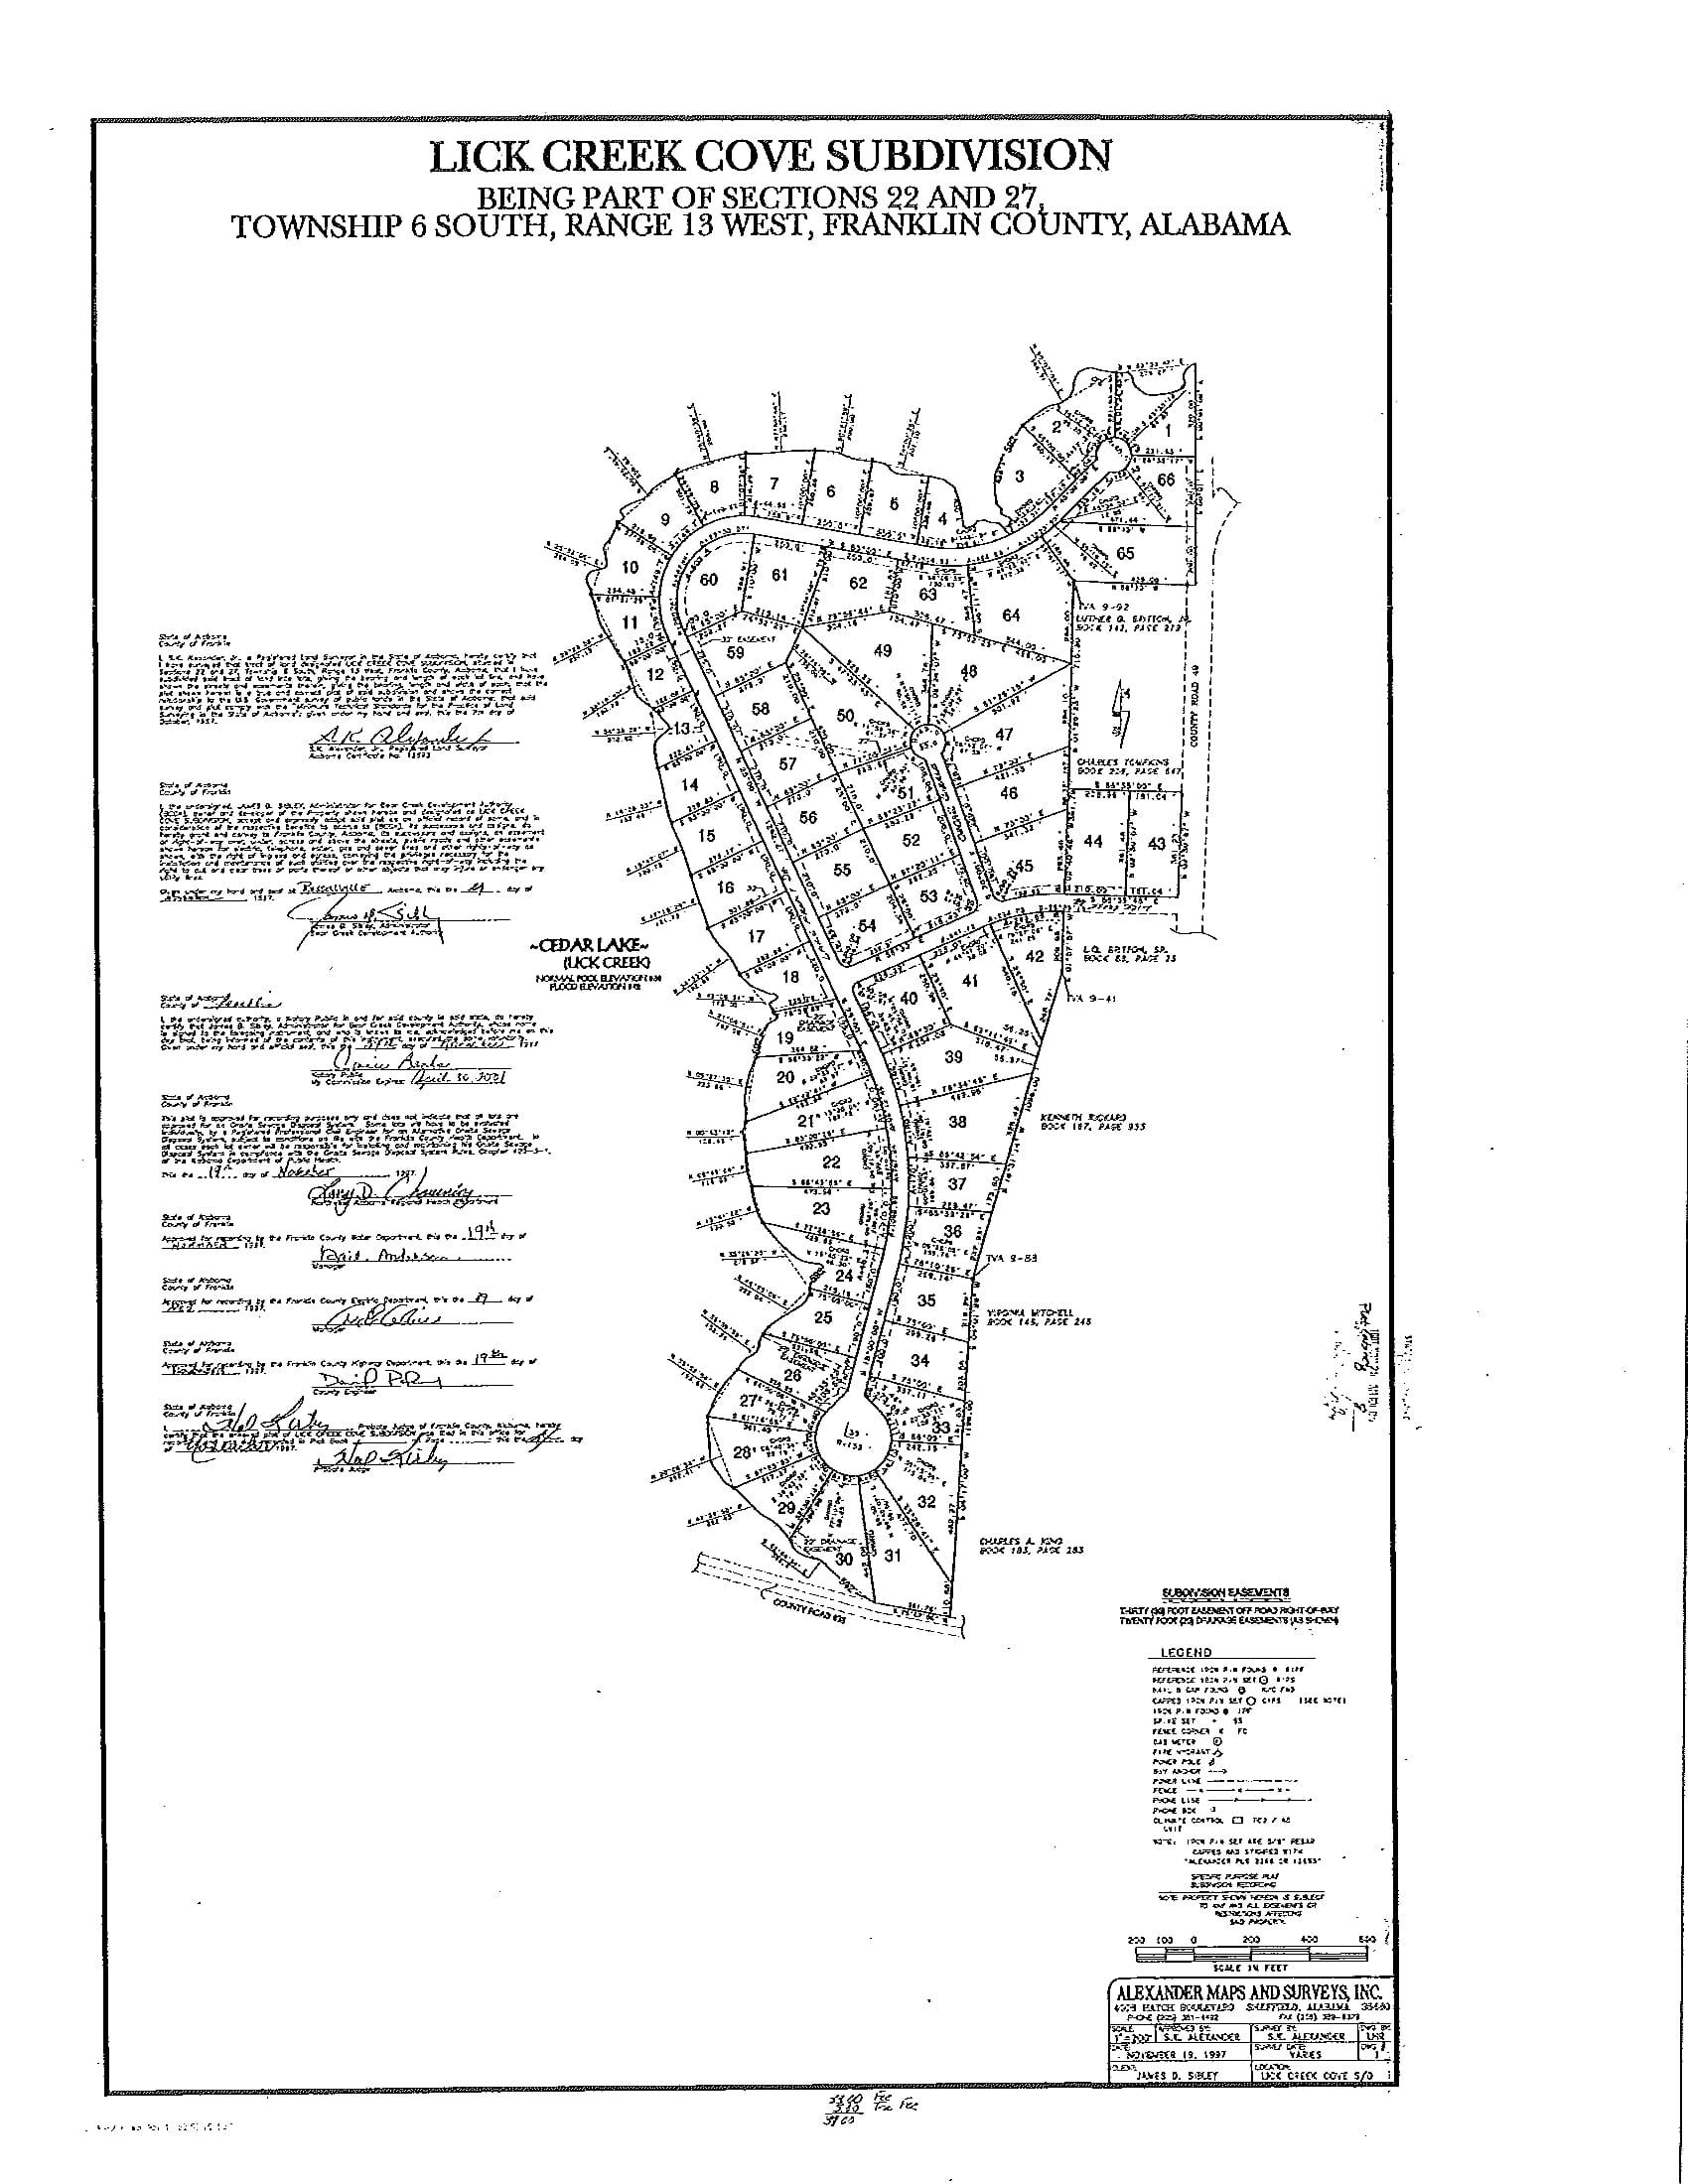 Plat-Lick-Creek-Cove-Subdivision-1.jpg